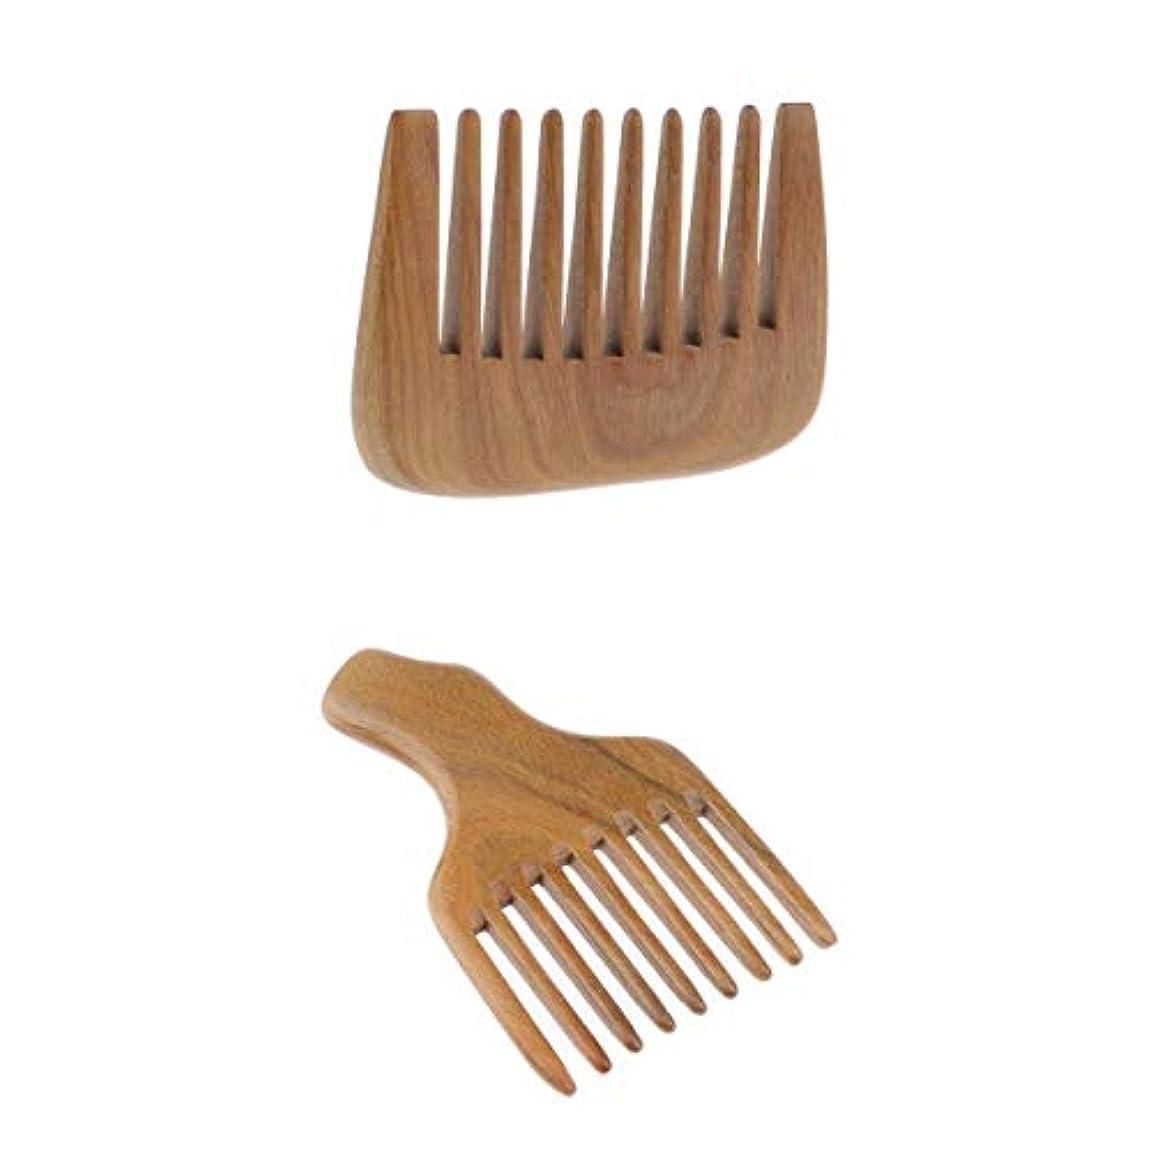 経験利点設計図2個 ウッドコーム 歯櫛 ヘアブラシ アンチスタティック グリーン サンダルウッド 木製櫛 静電防止